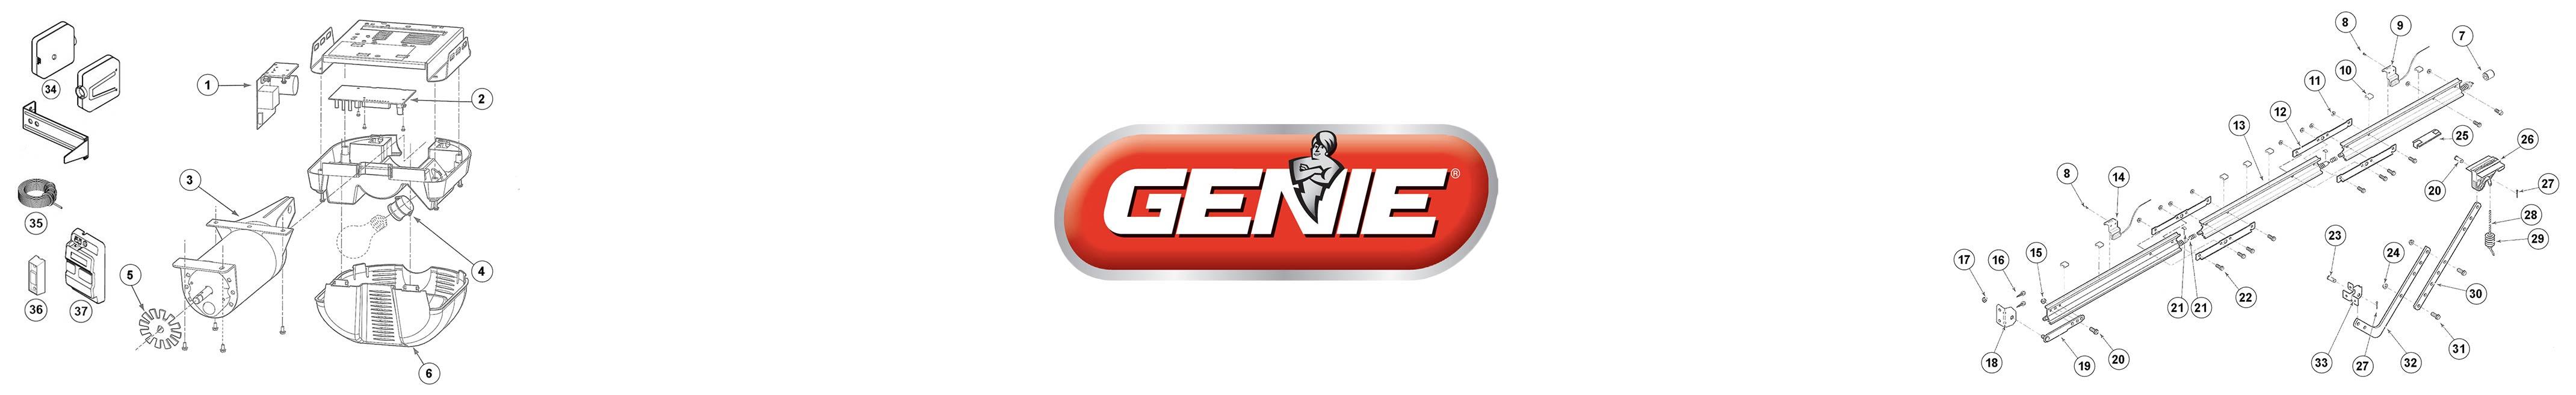 Genie Excelerator Garage Door Opener Parts